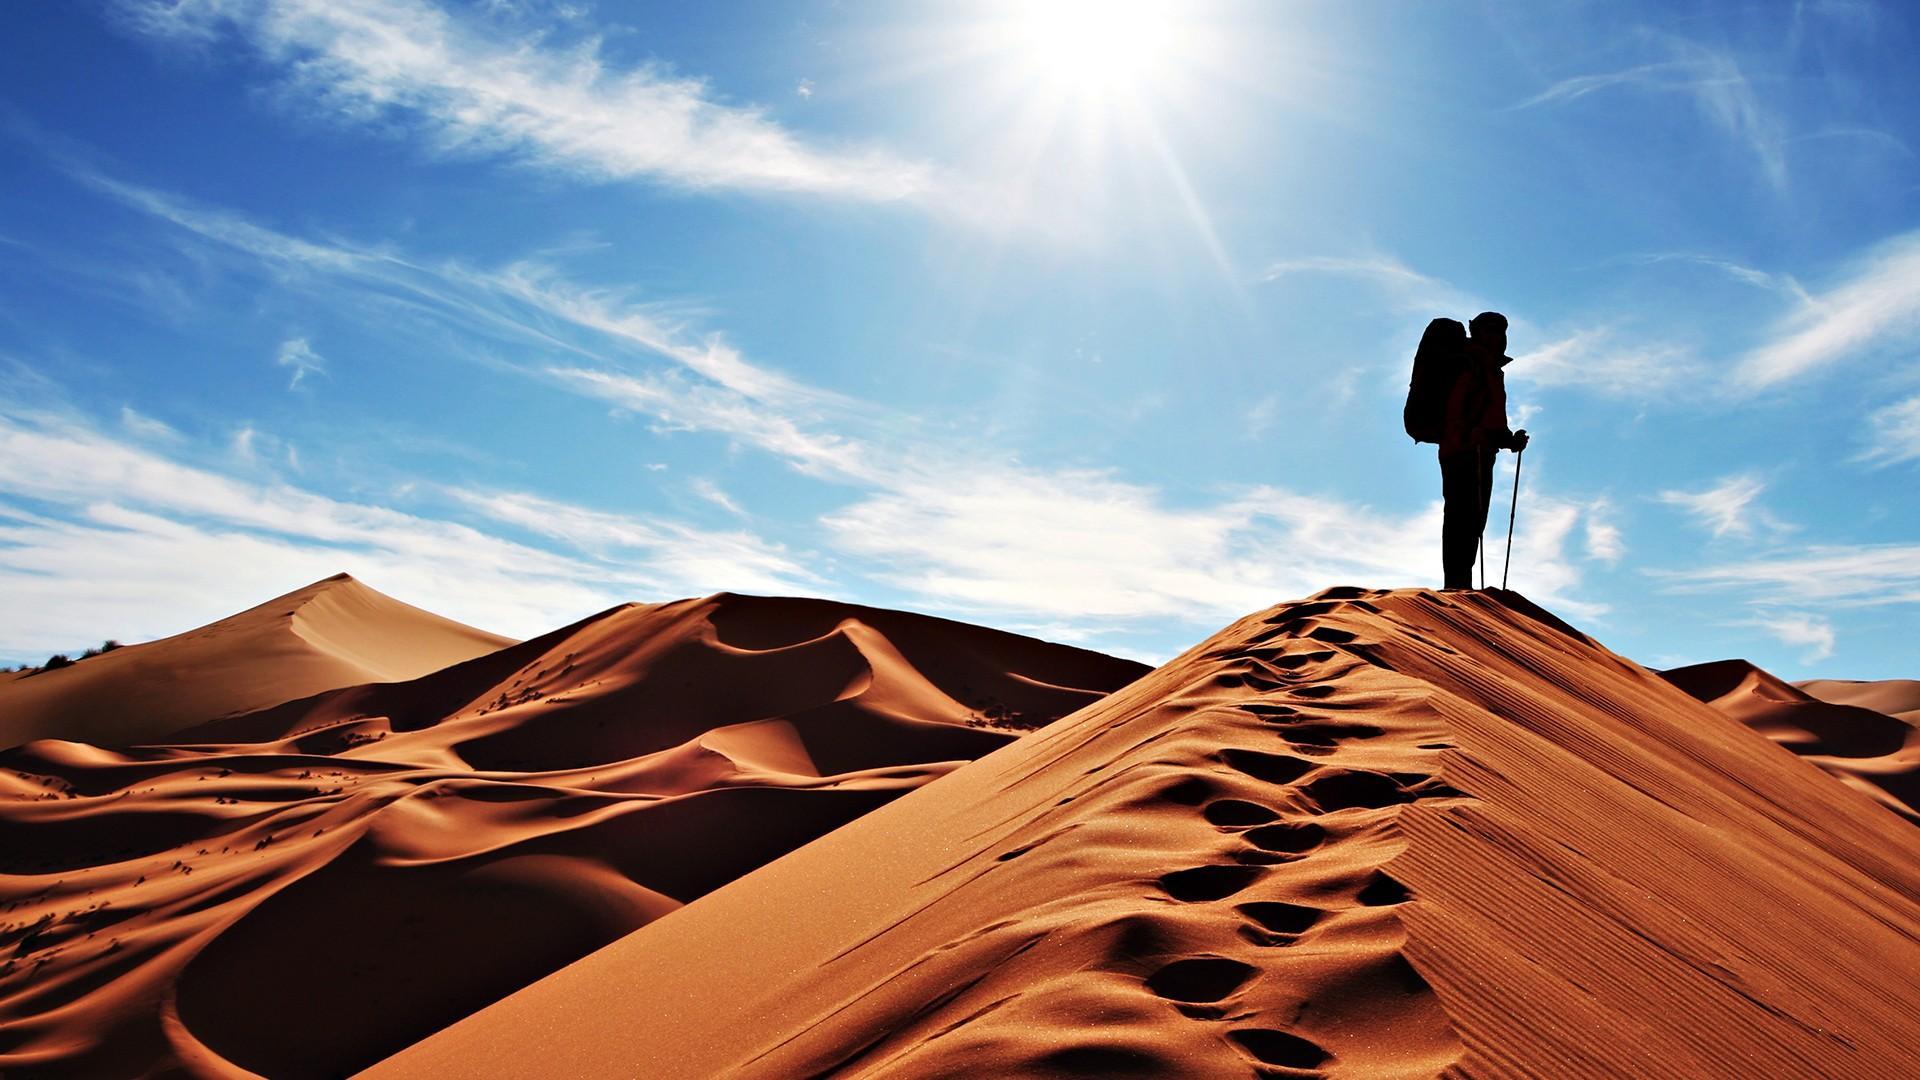 Фото у далекій пустелі 18 фотография